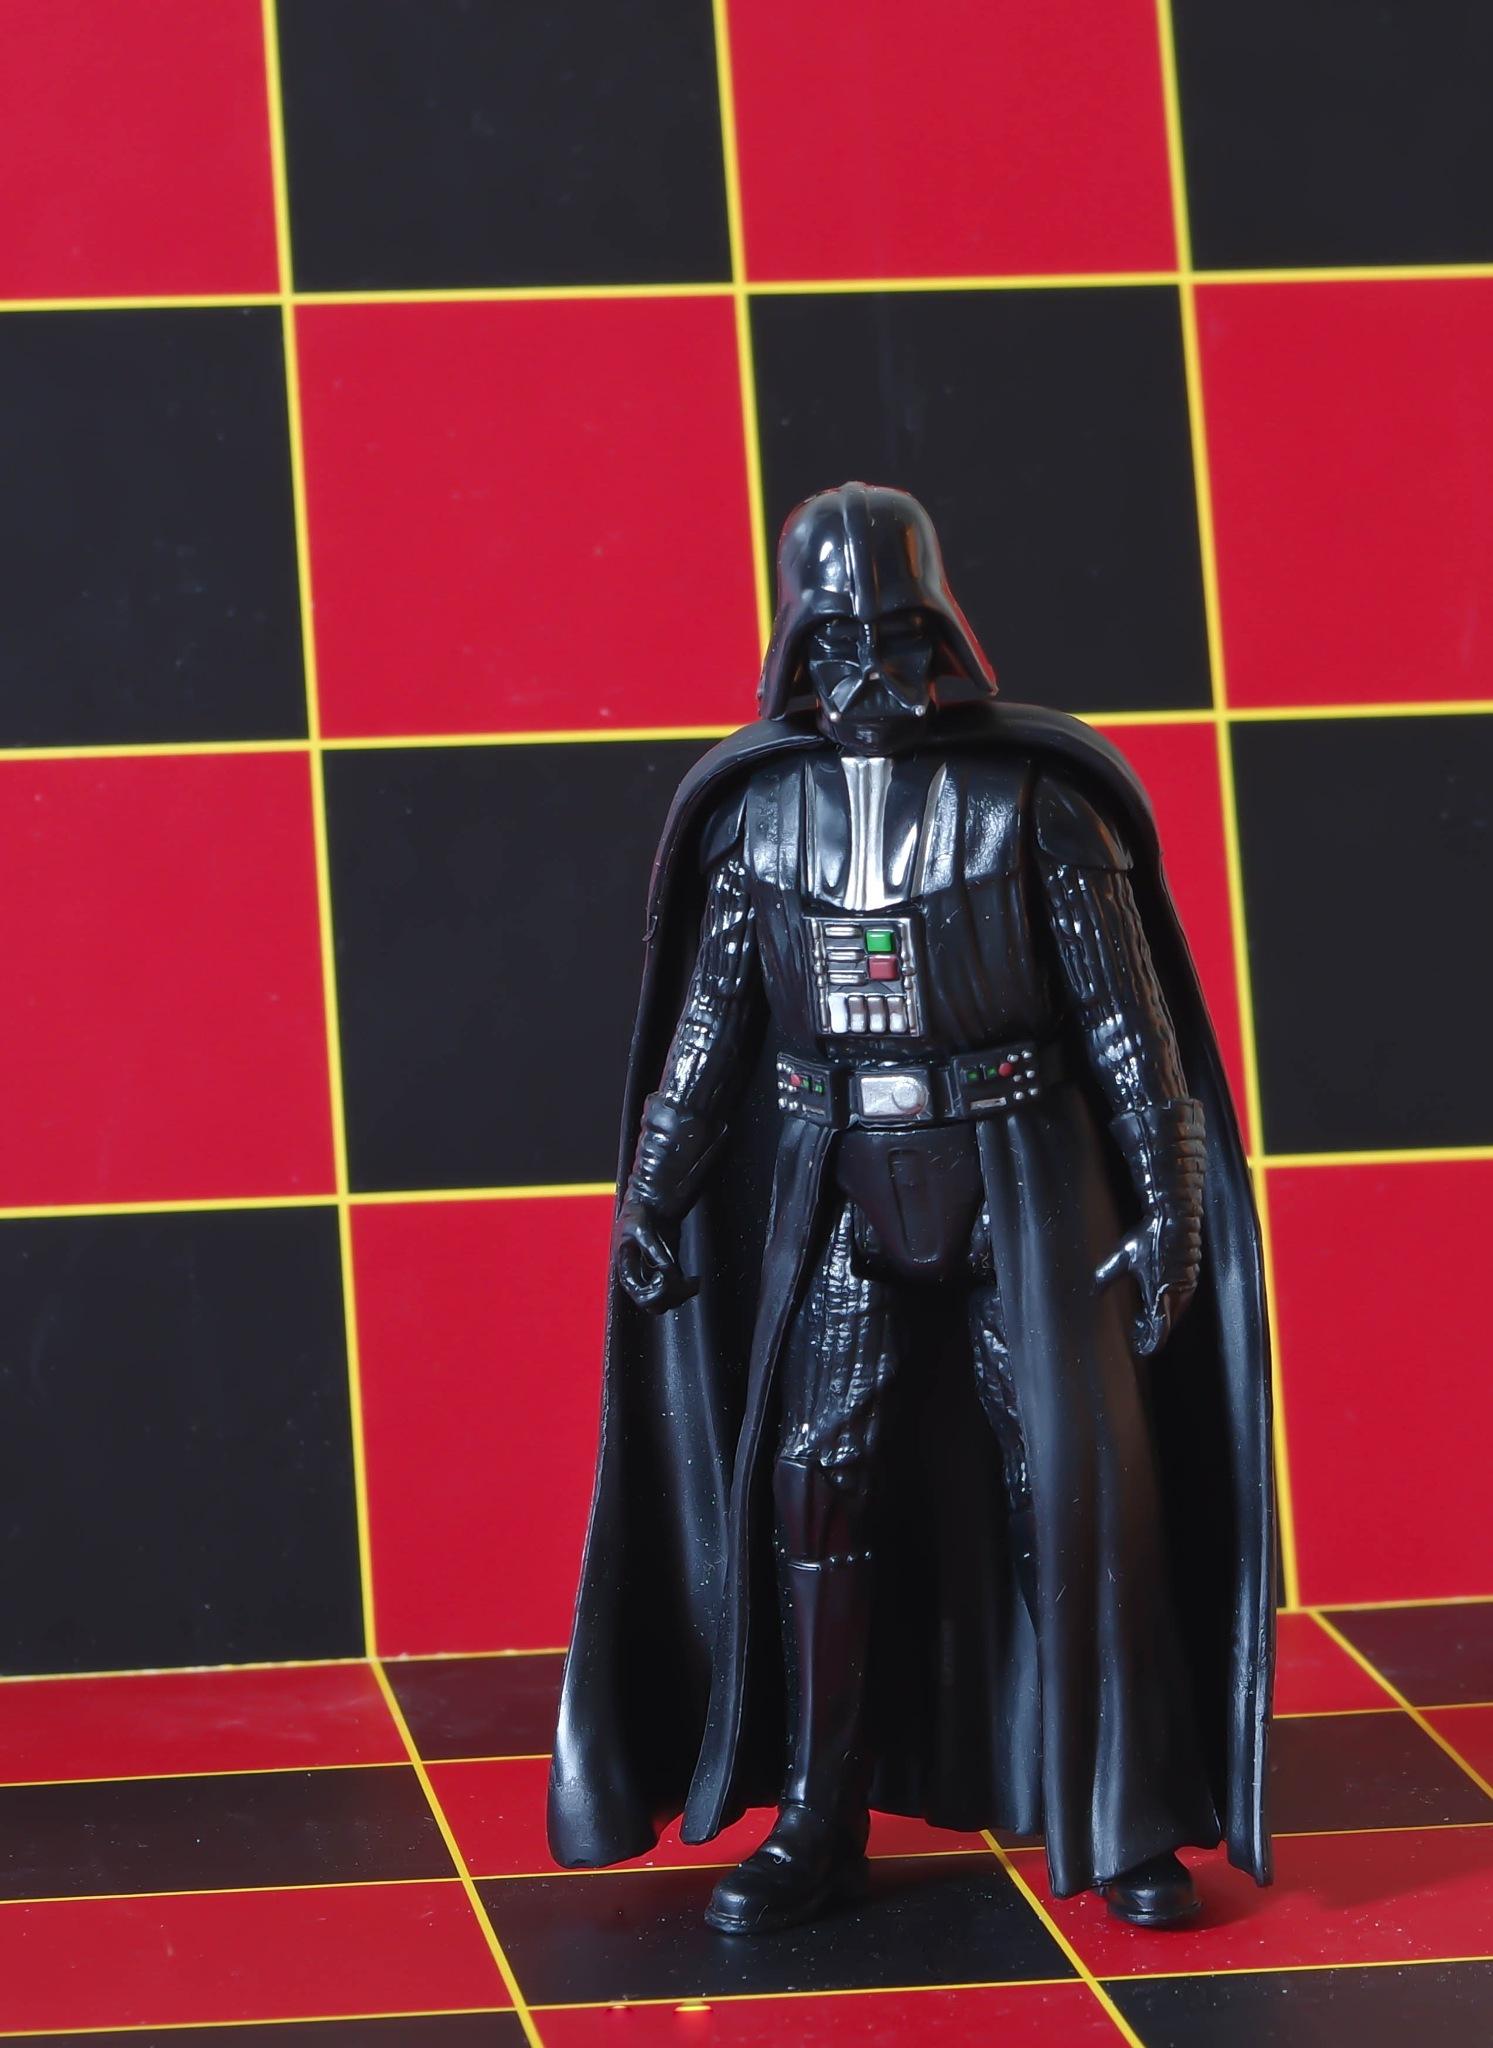 Darth Vader by chuckhildebrandt7